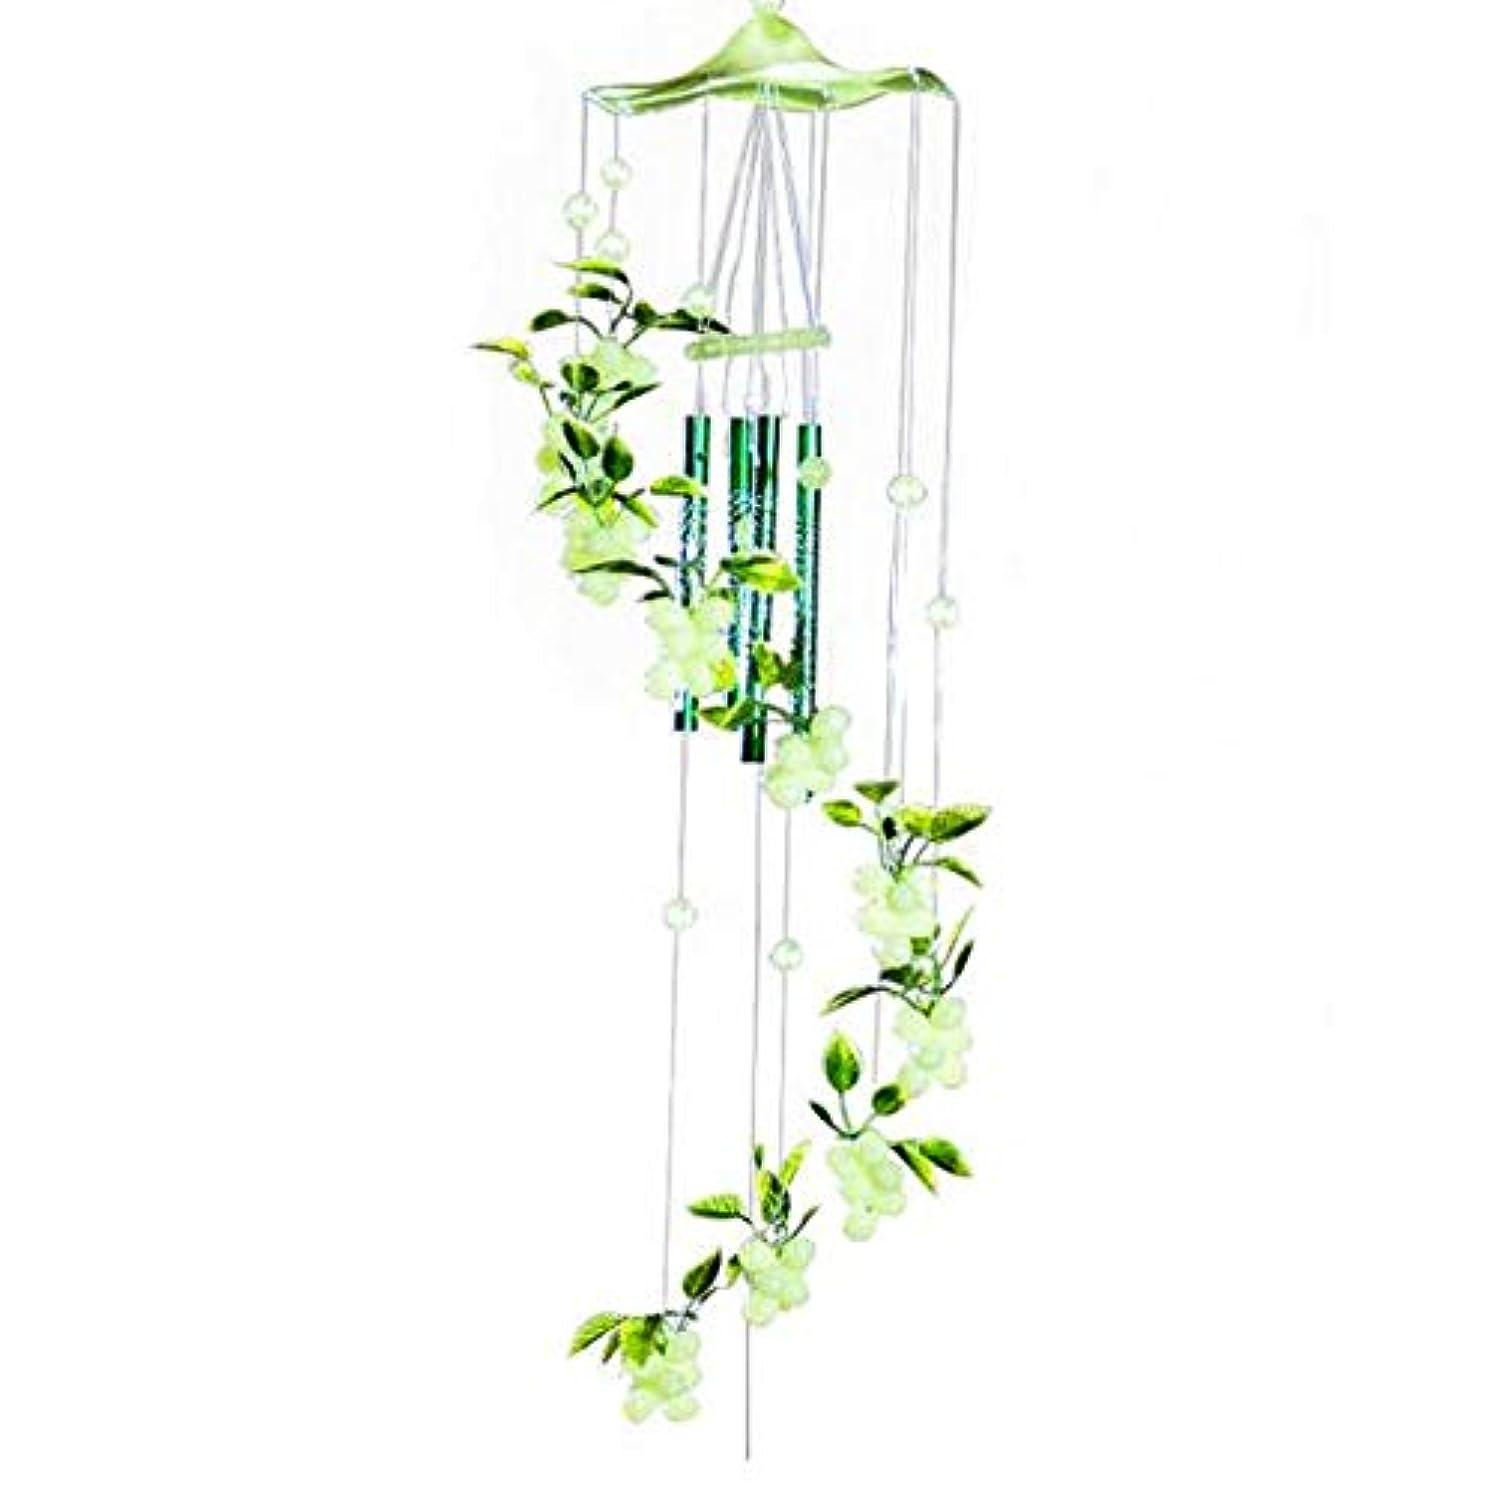 絶滅うがい薬妖精Jielongtongxun 風チャイム、メタルブドウ風チャイム、グリーン、全身について70CM,絶妙な飾り